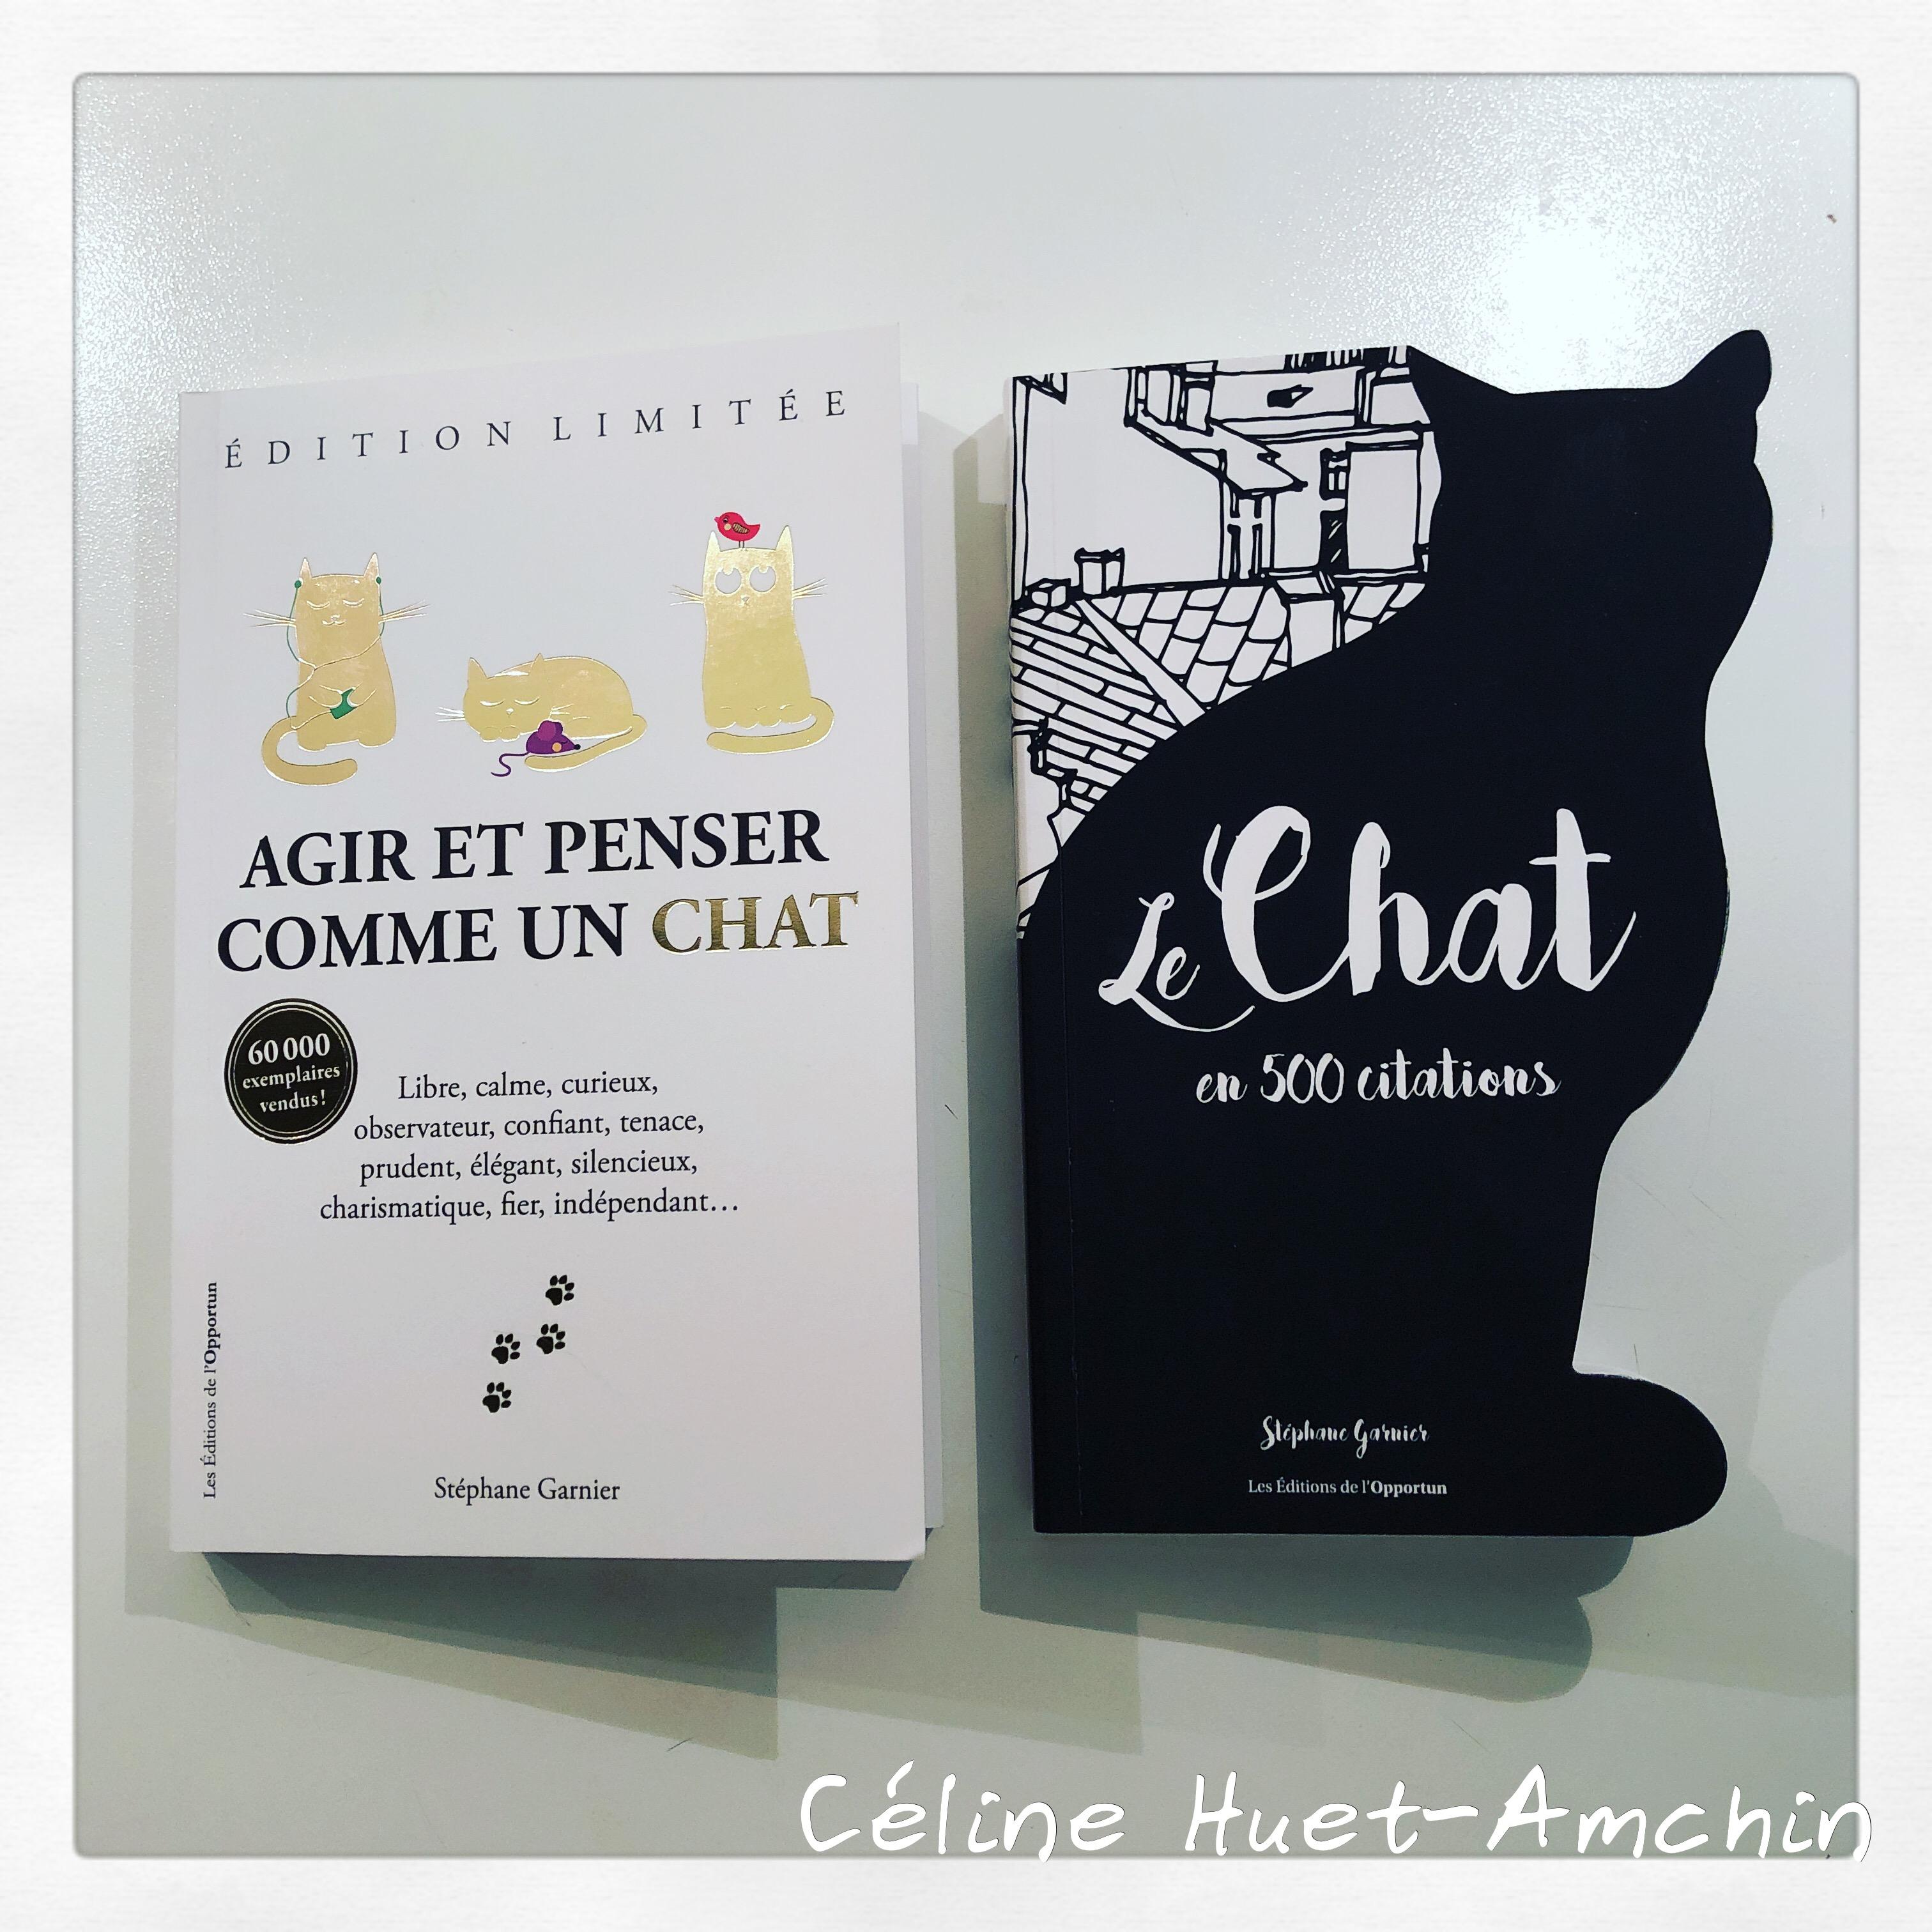 Agir et penser comme un chat Le chat en 500 citations Stéphane Garnier Editions de l'Opportun